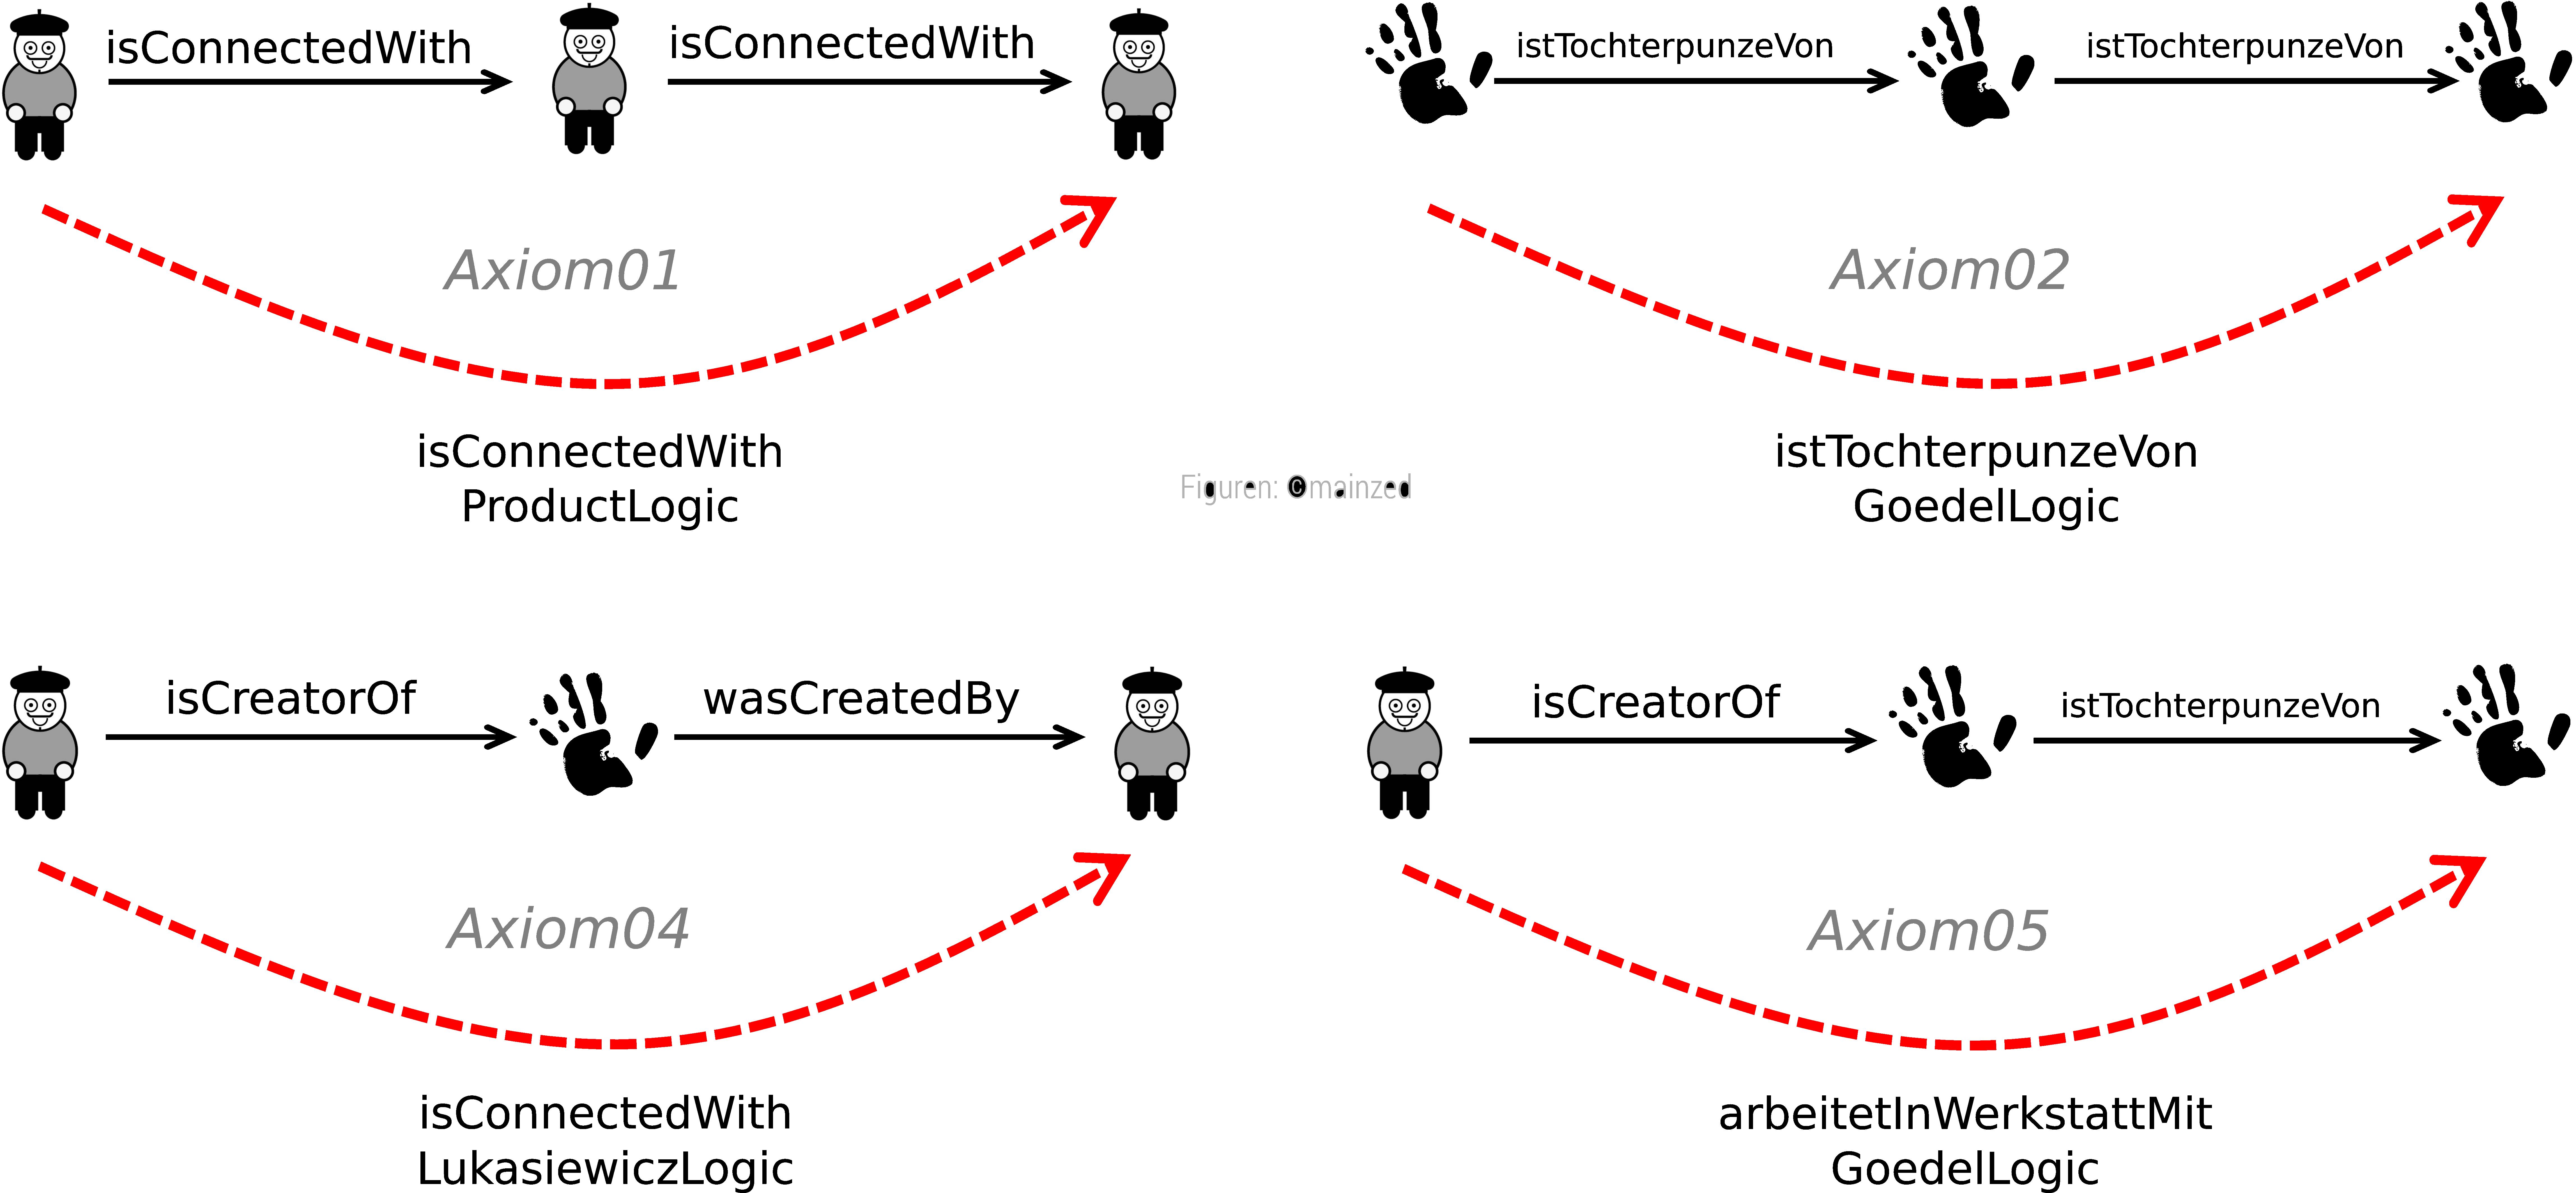 Abb. 10: Rollen-Kettenregeln der samian                            ontology. [Eigene Darstellung, Figuren und Geräte: © mainzed, CC BY                               4.0].